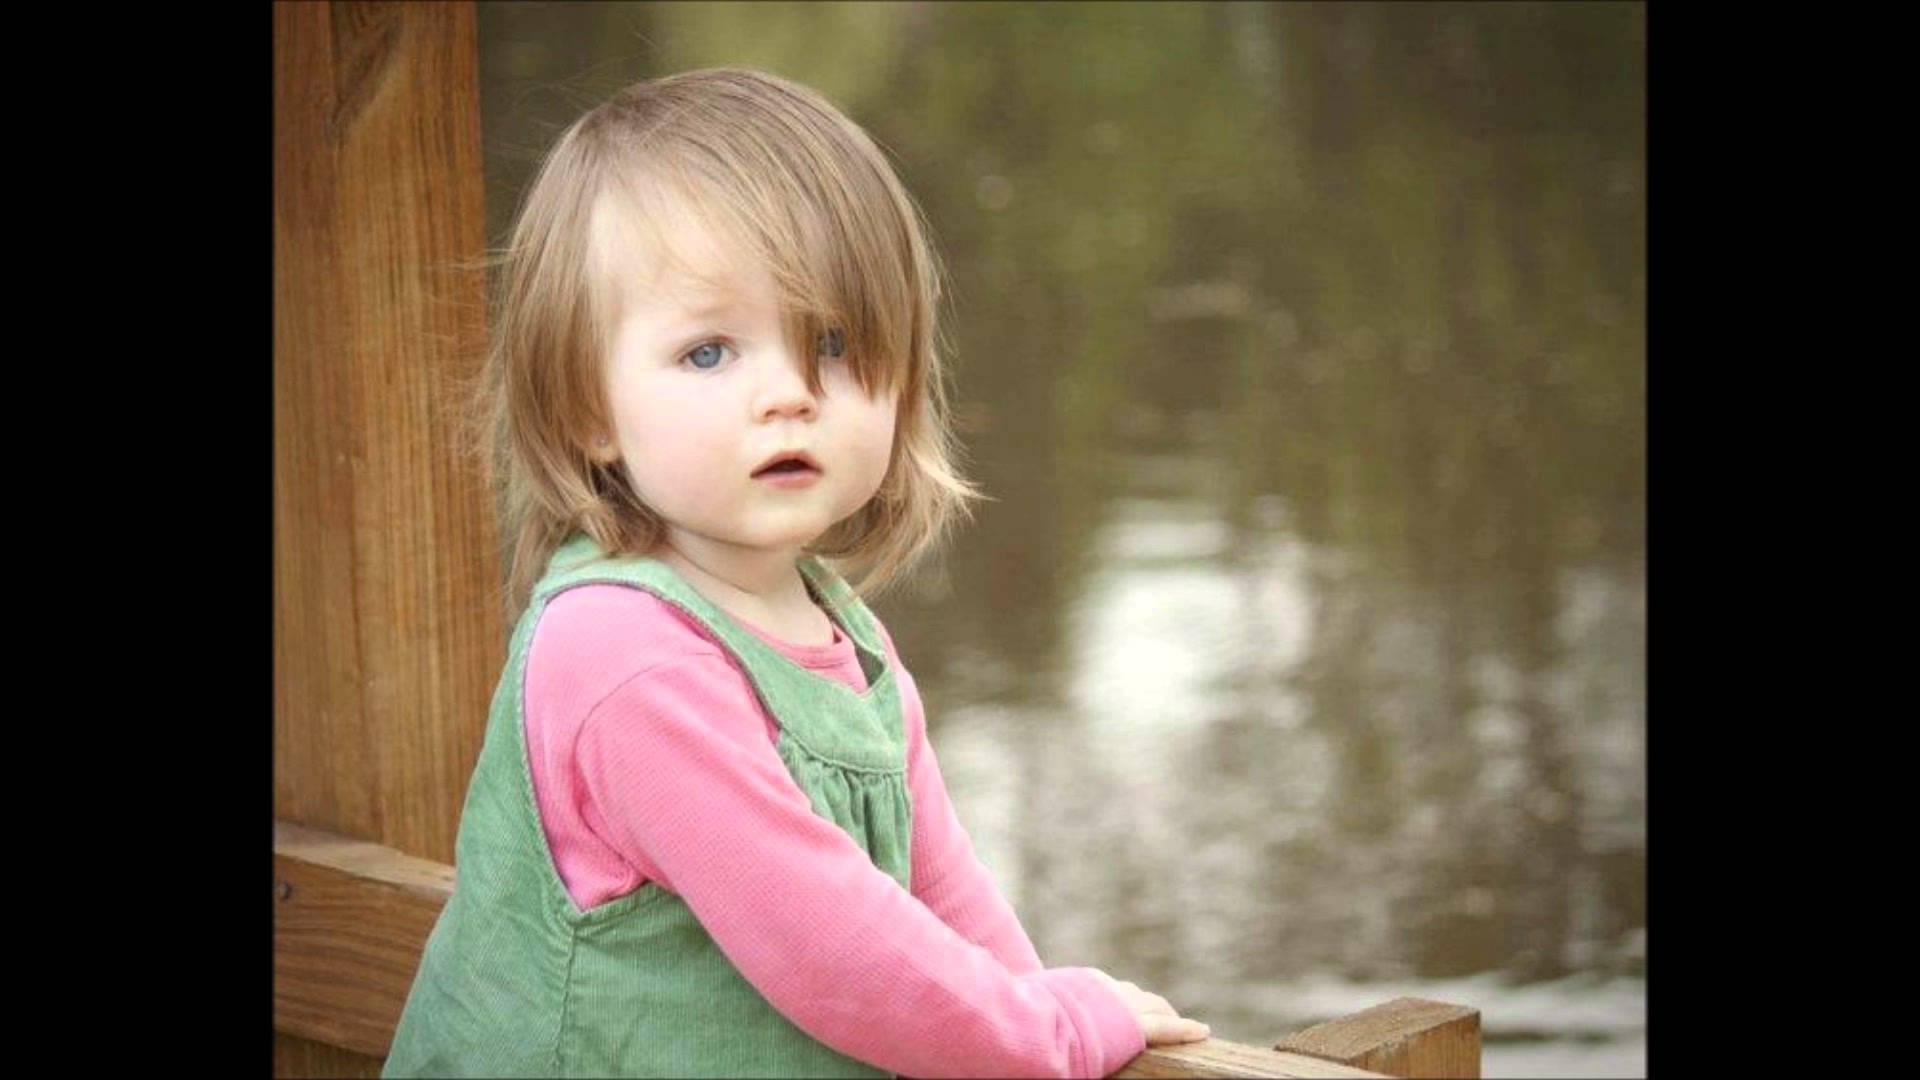 بالصور صور عن الاطفال , صور اطفال جميلة 4231 10